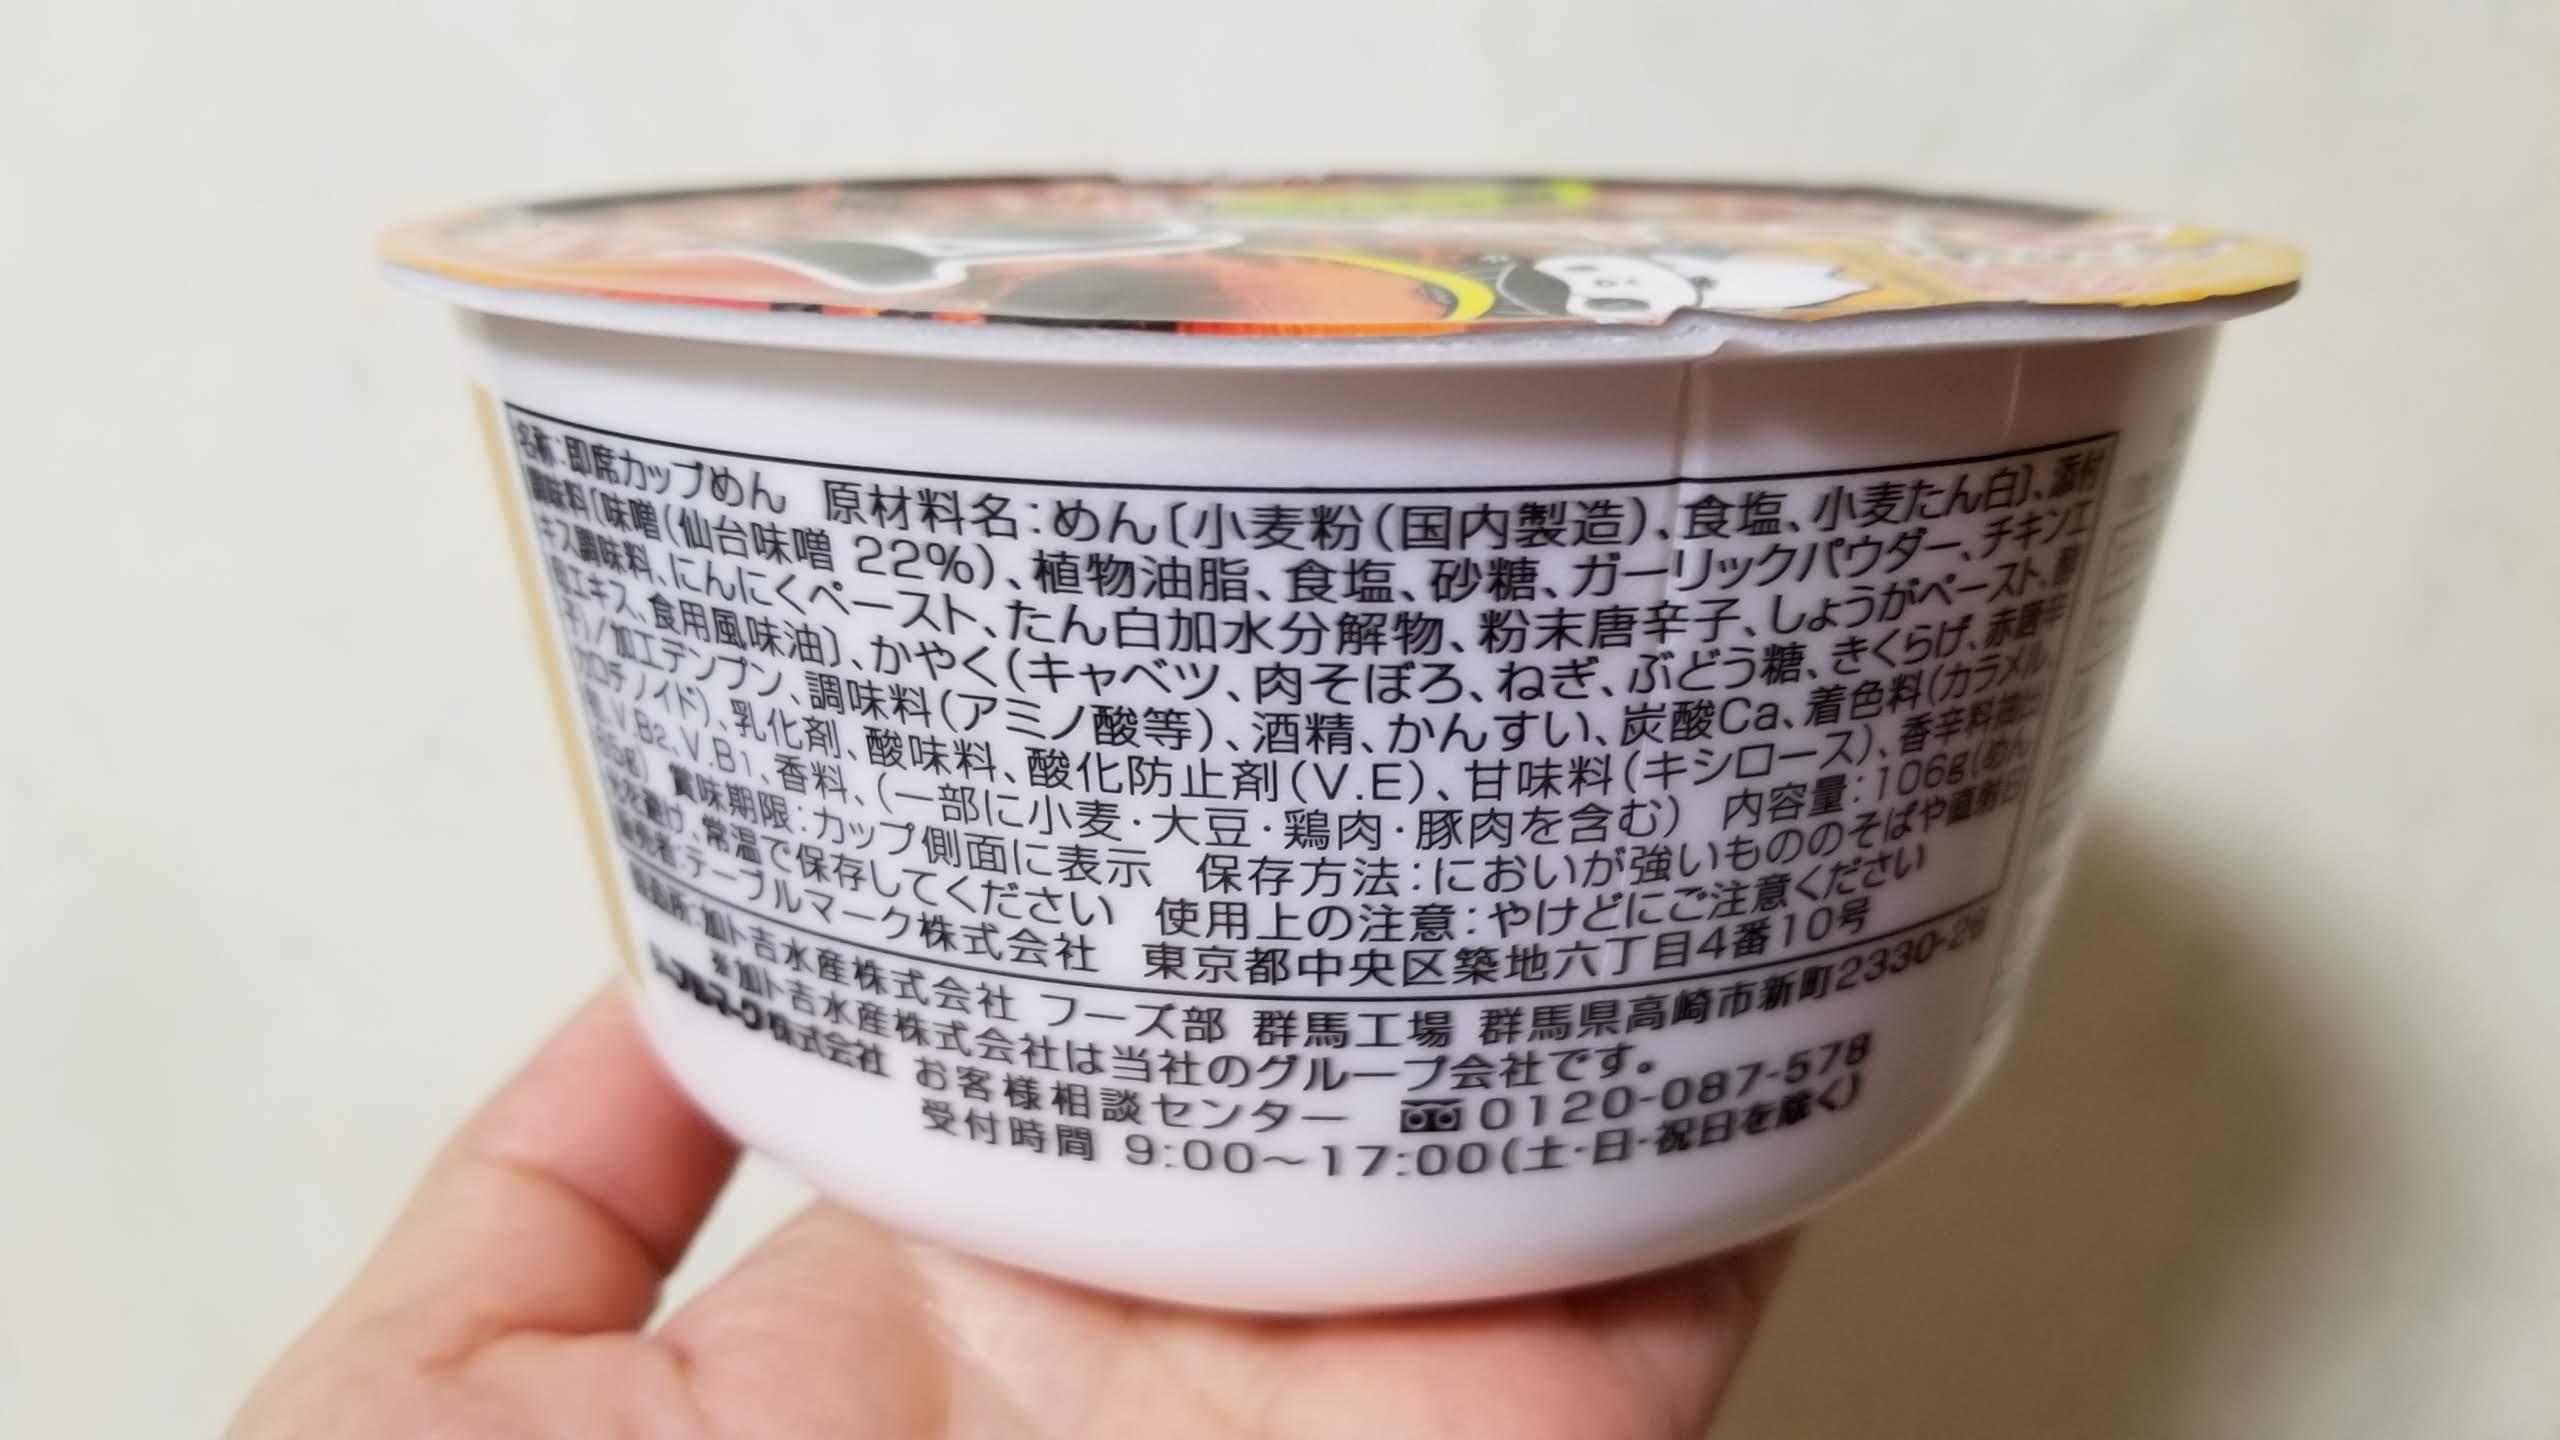 東北の味-仙台辛味噌ラーメン/テーブルマーク_20200418_161832